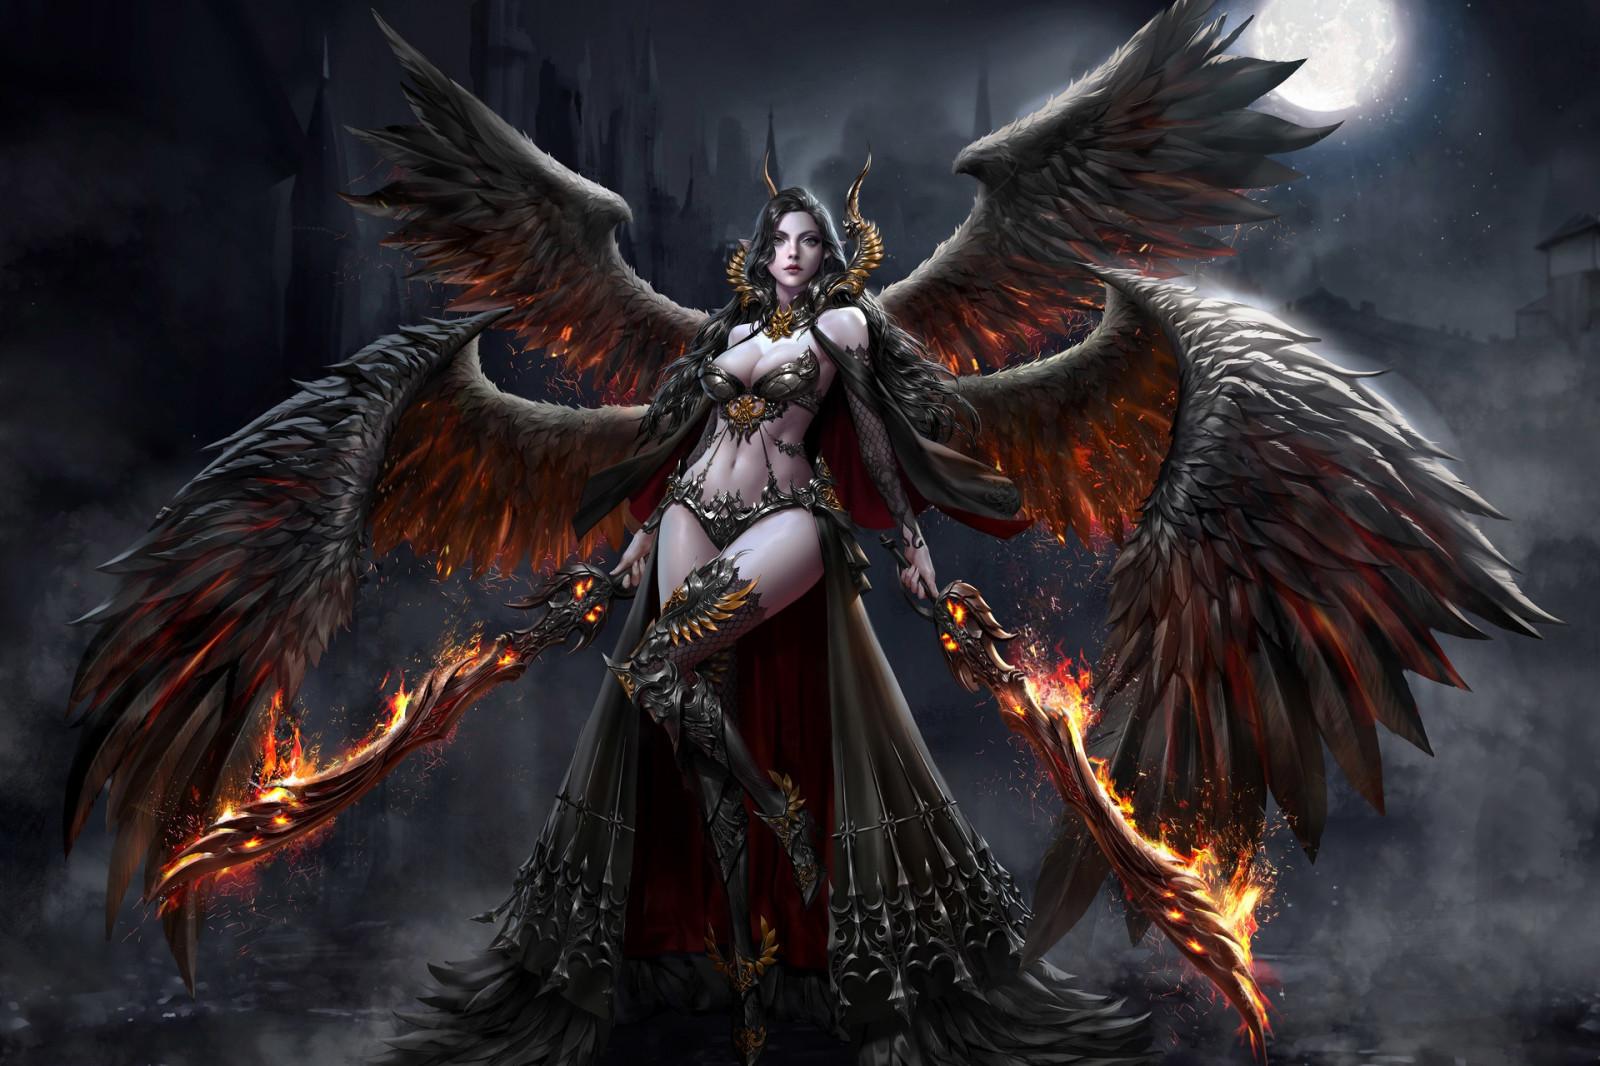 Wallpaper fantasy art dark fantasy fantasy girl demon - Fantasy wallpaper dark ...